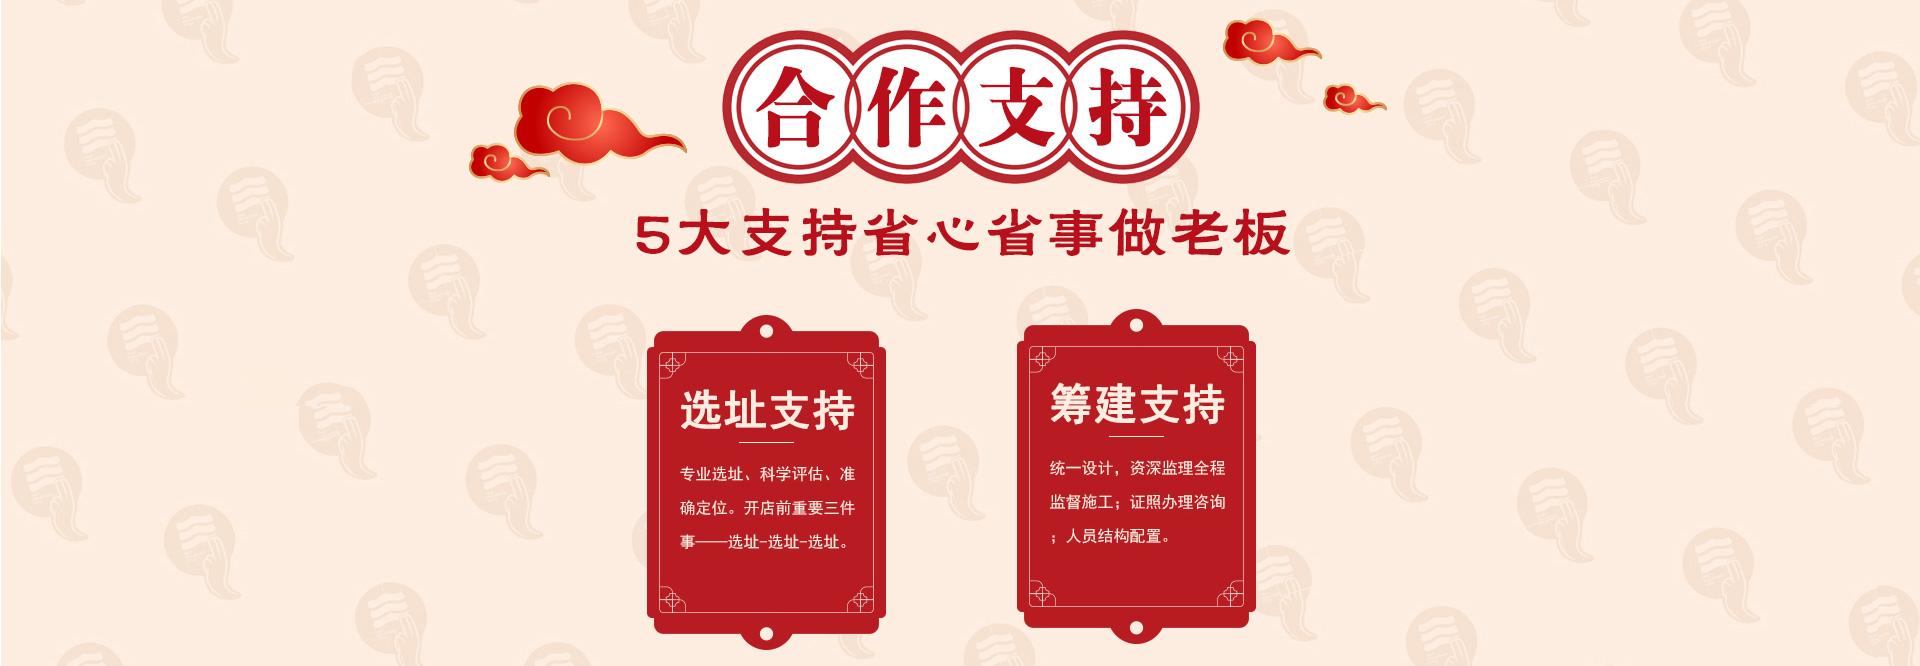 辣叁成燒菜火鍋lsc_13